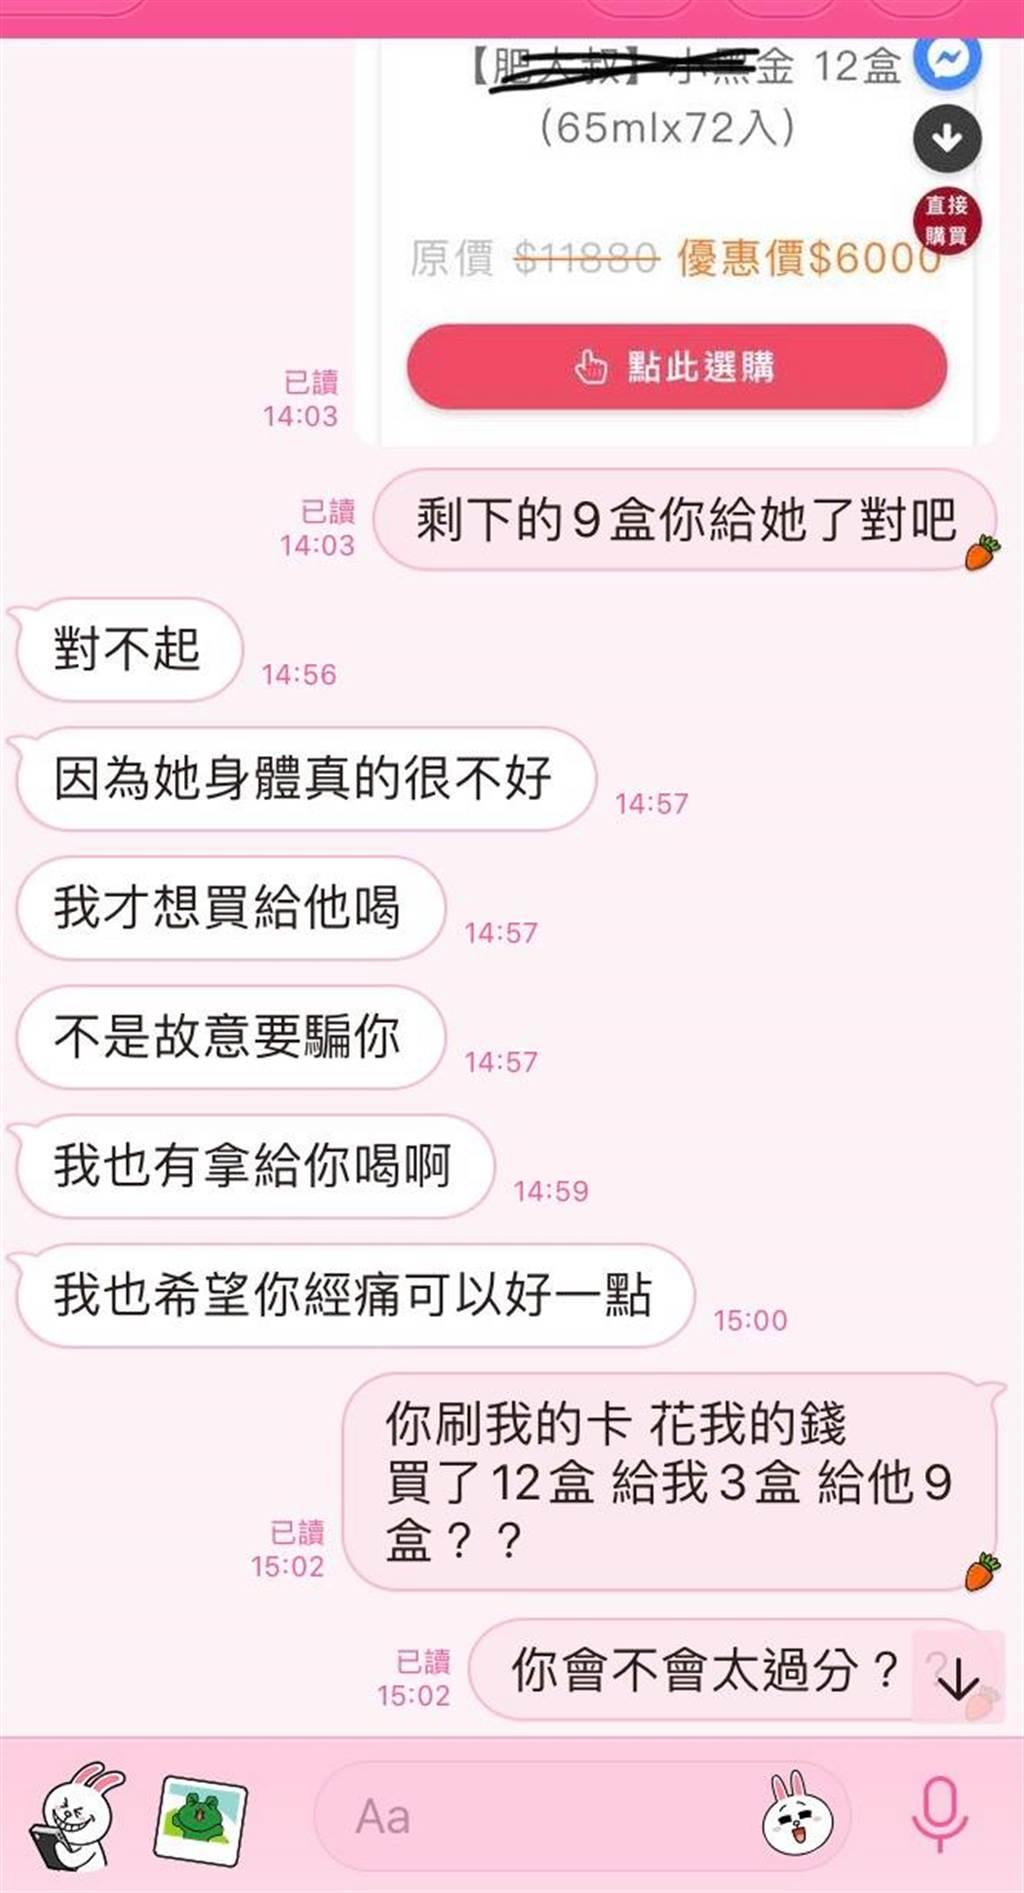 女網友貼出自己和男友的對話,接著表示已向男友提出分手。(圖擷取自靠北男友2.0)